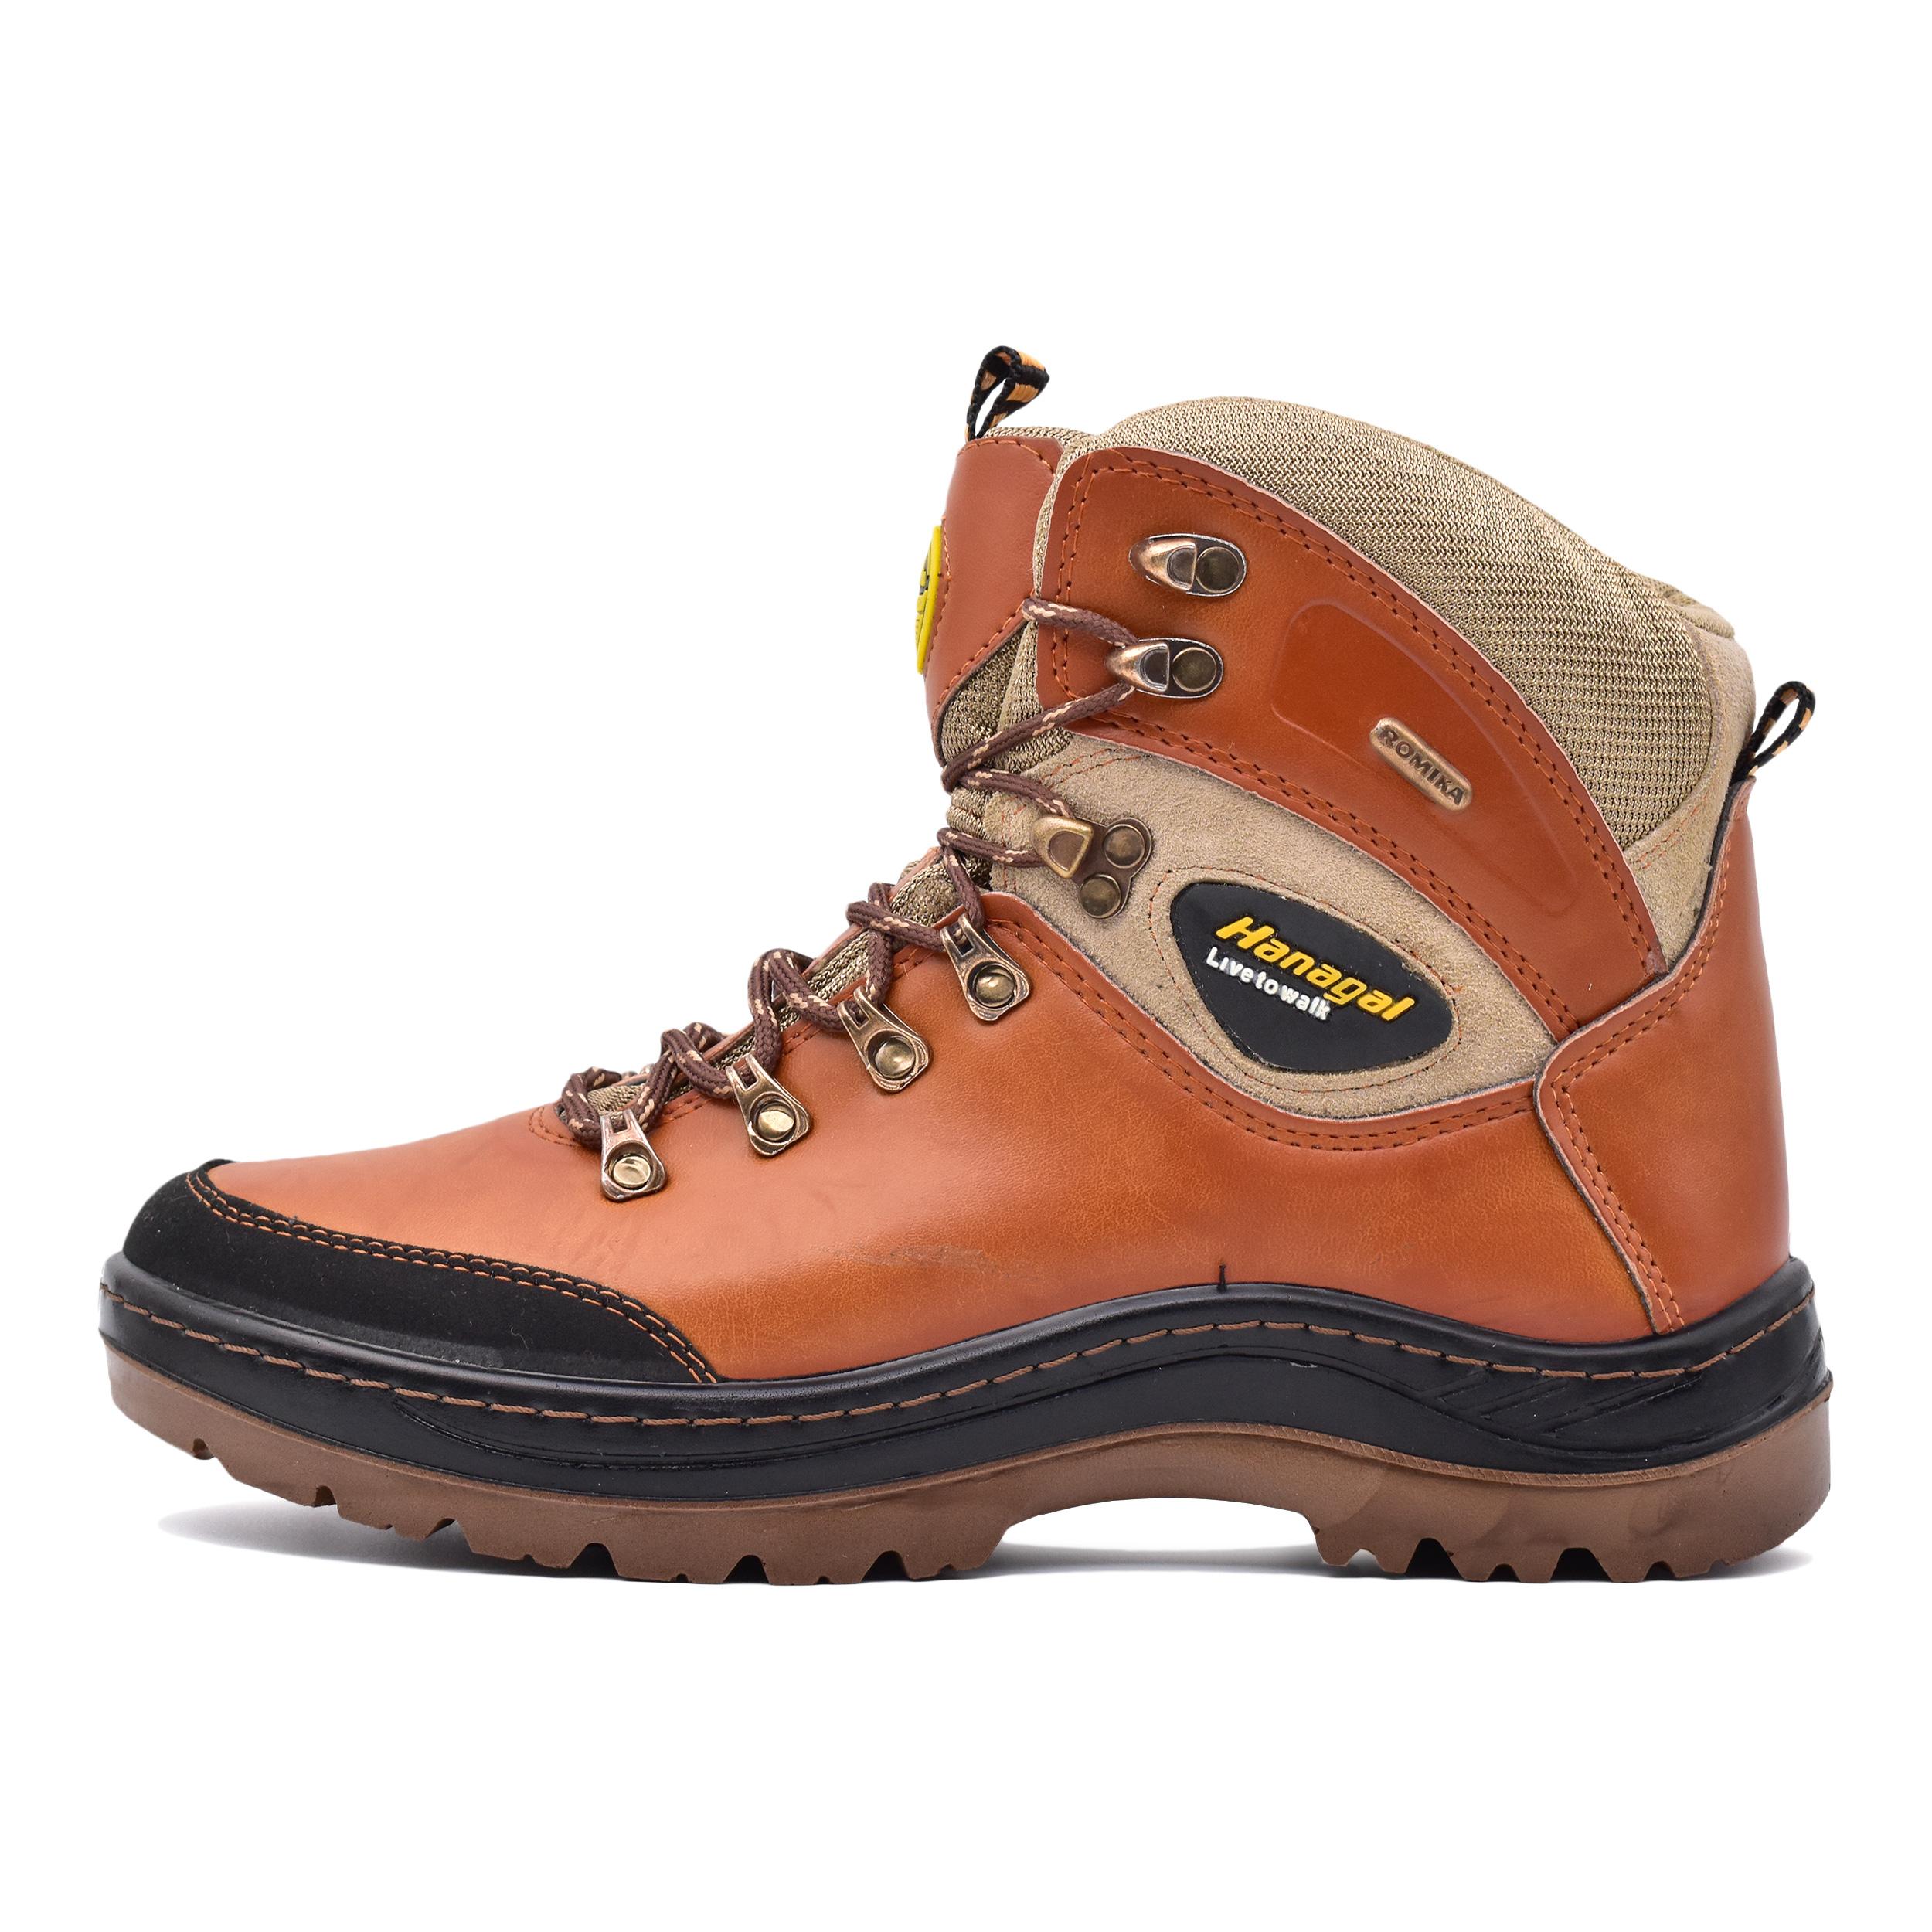 خرید کفش کوهنوردی زنانه هاناگال کد 2-5530